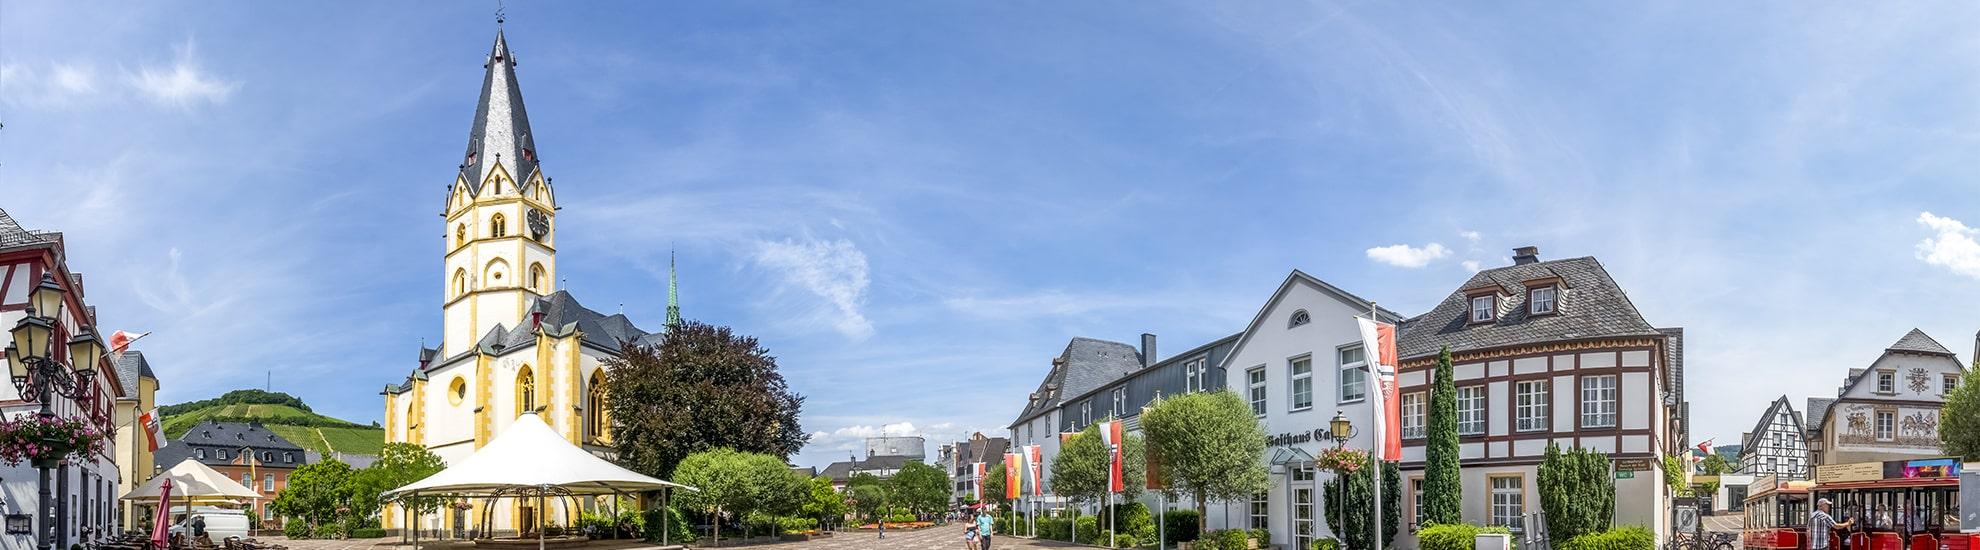 Bad-Neuenahr Ahrweiler